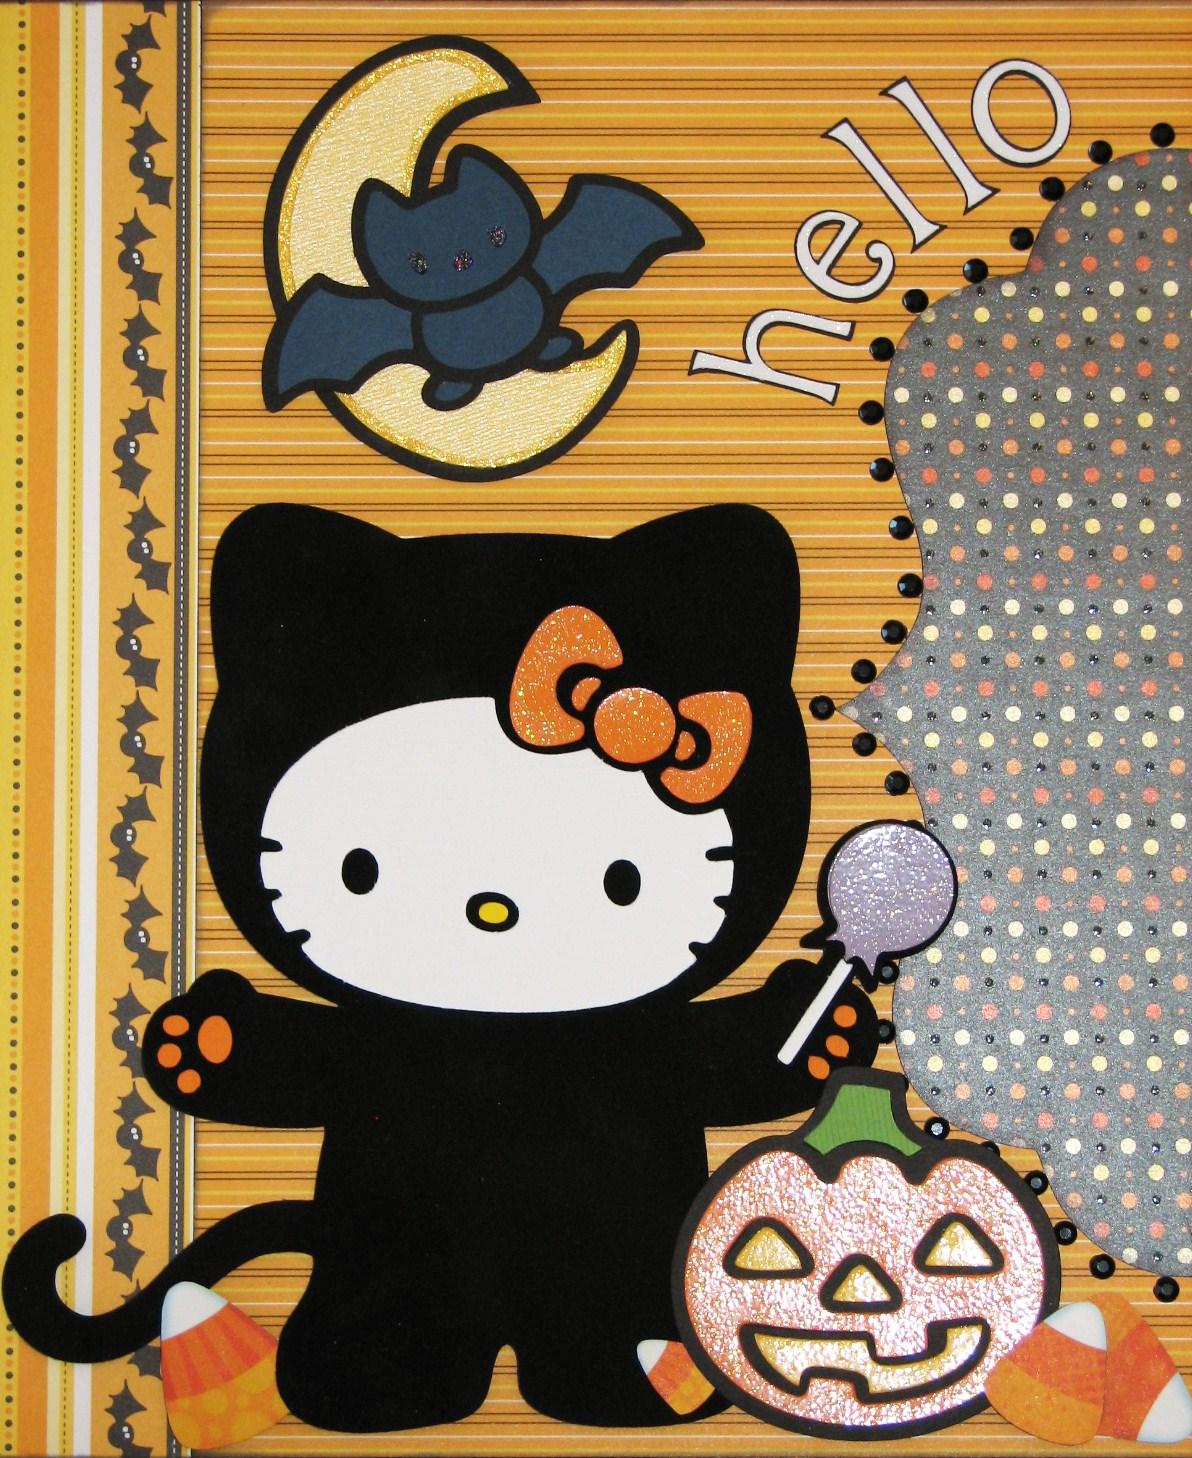 Hello kitty scrapbook ideas -  Hello Boo Kitty Halloween Scrapbook Pages